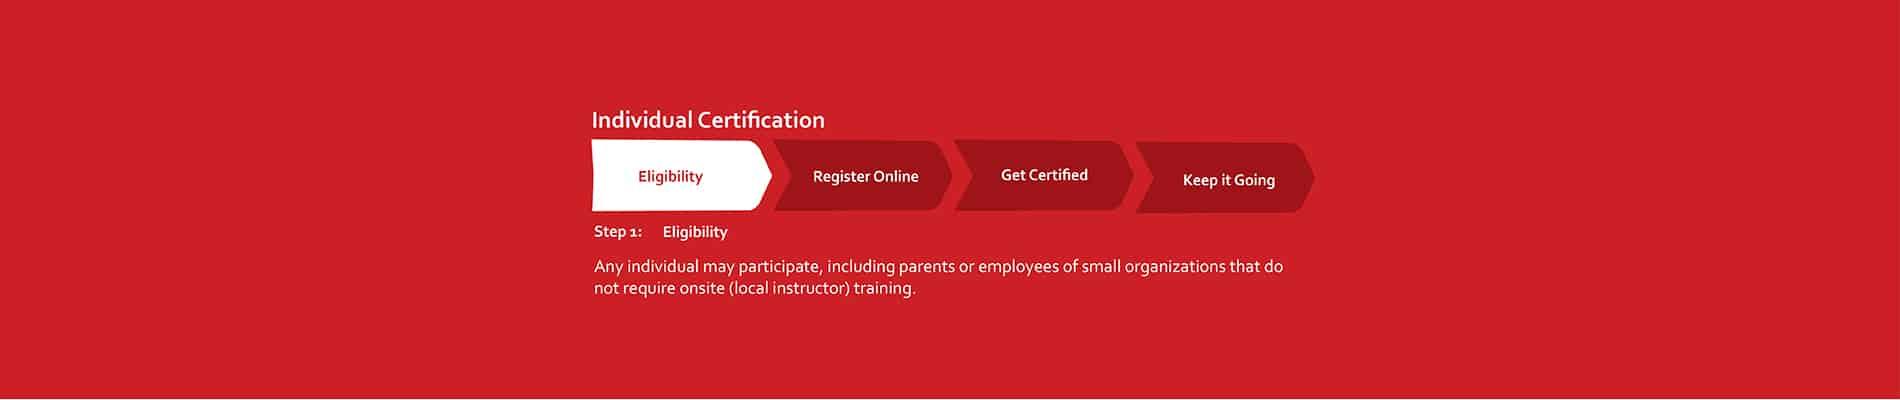 Training Options Sliders.1 web